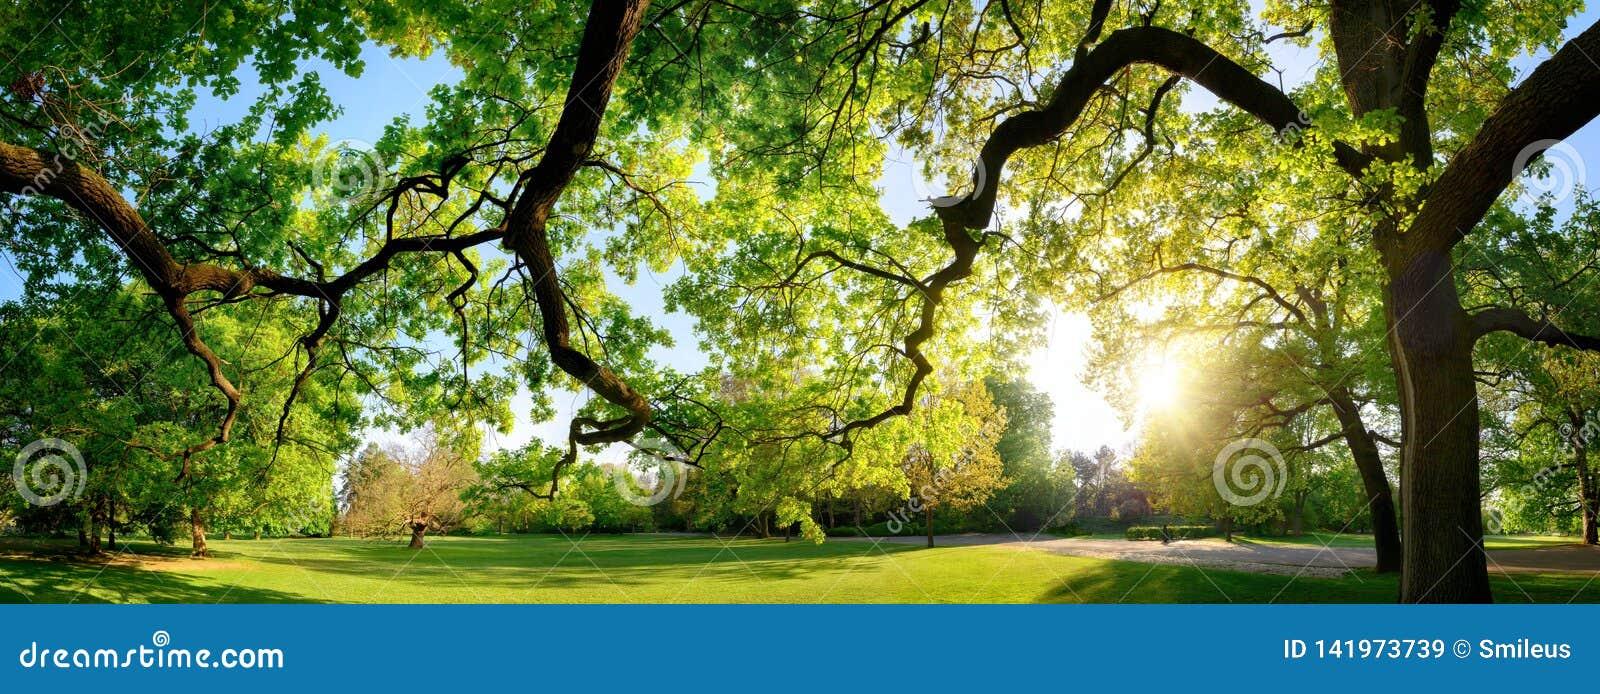 Paisaje panorámico tranquilo en un parque hermoso